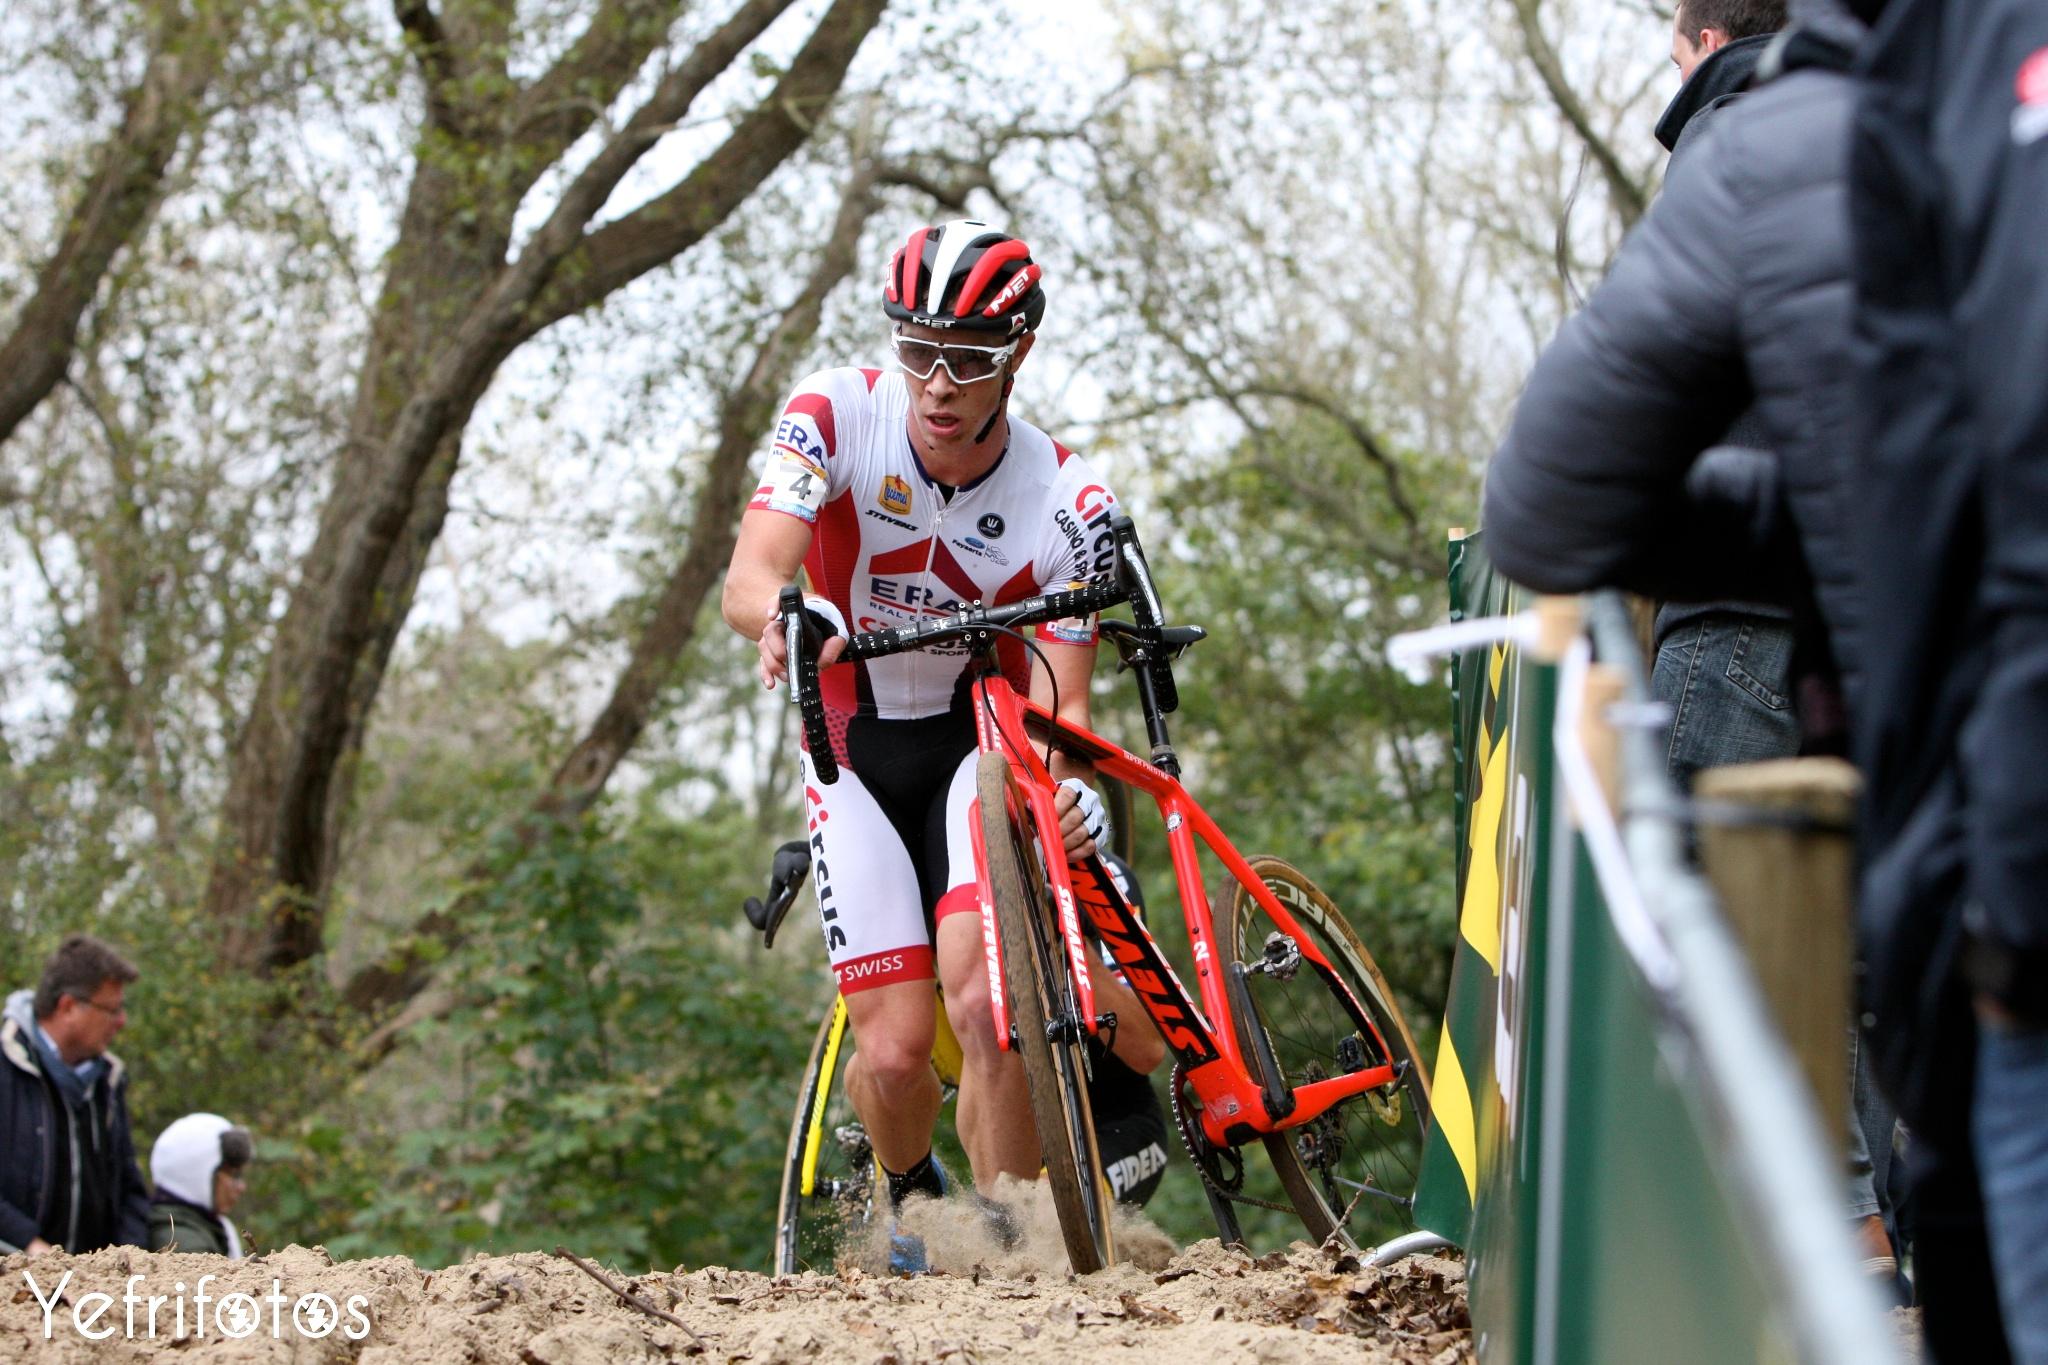 Koksijde - UCI Cyclocross World Cup - Laurens Sweeck